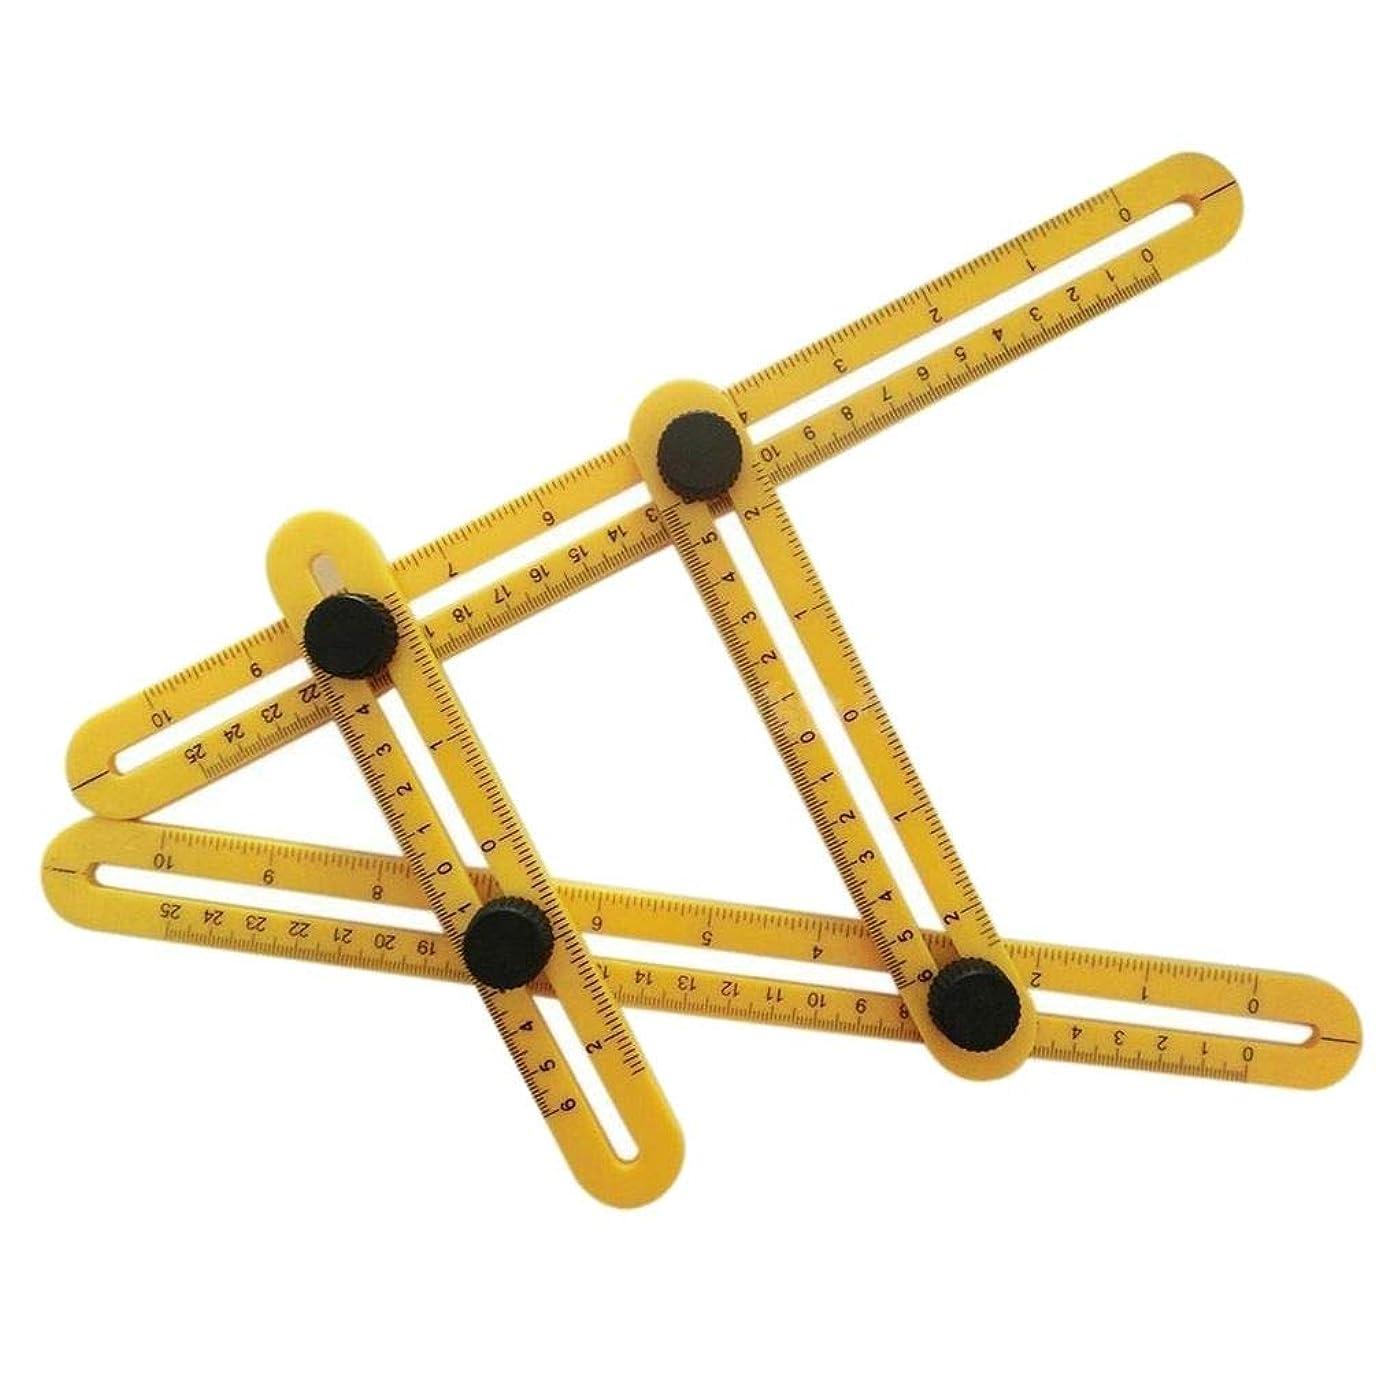 クリアハードイサカUzinby マルチアングル 定規テンプレートツール 便利屋 ビルダー職人 プラスチック製 折り畳み式 定規 測定